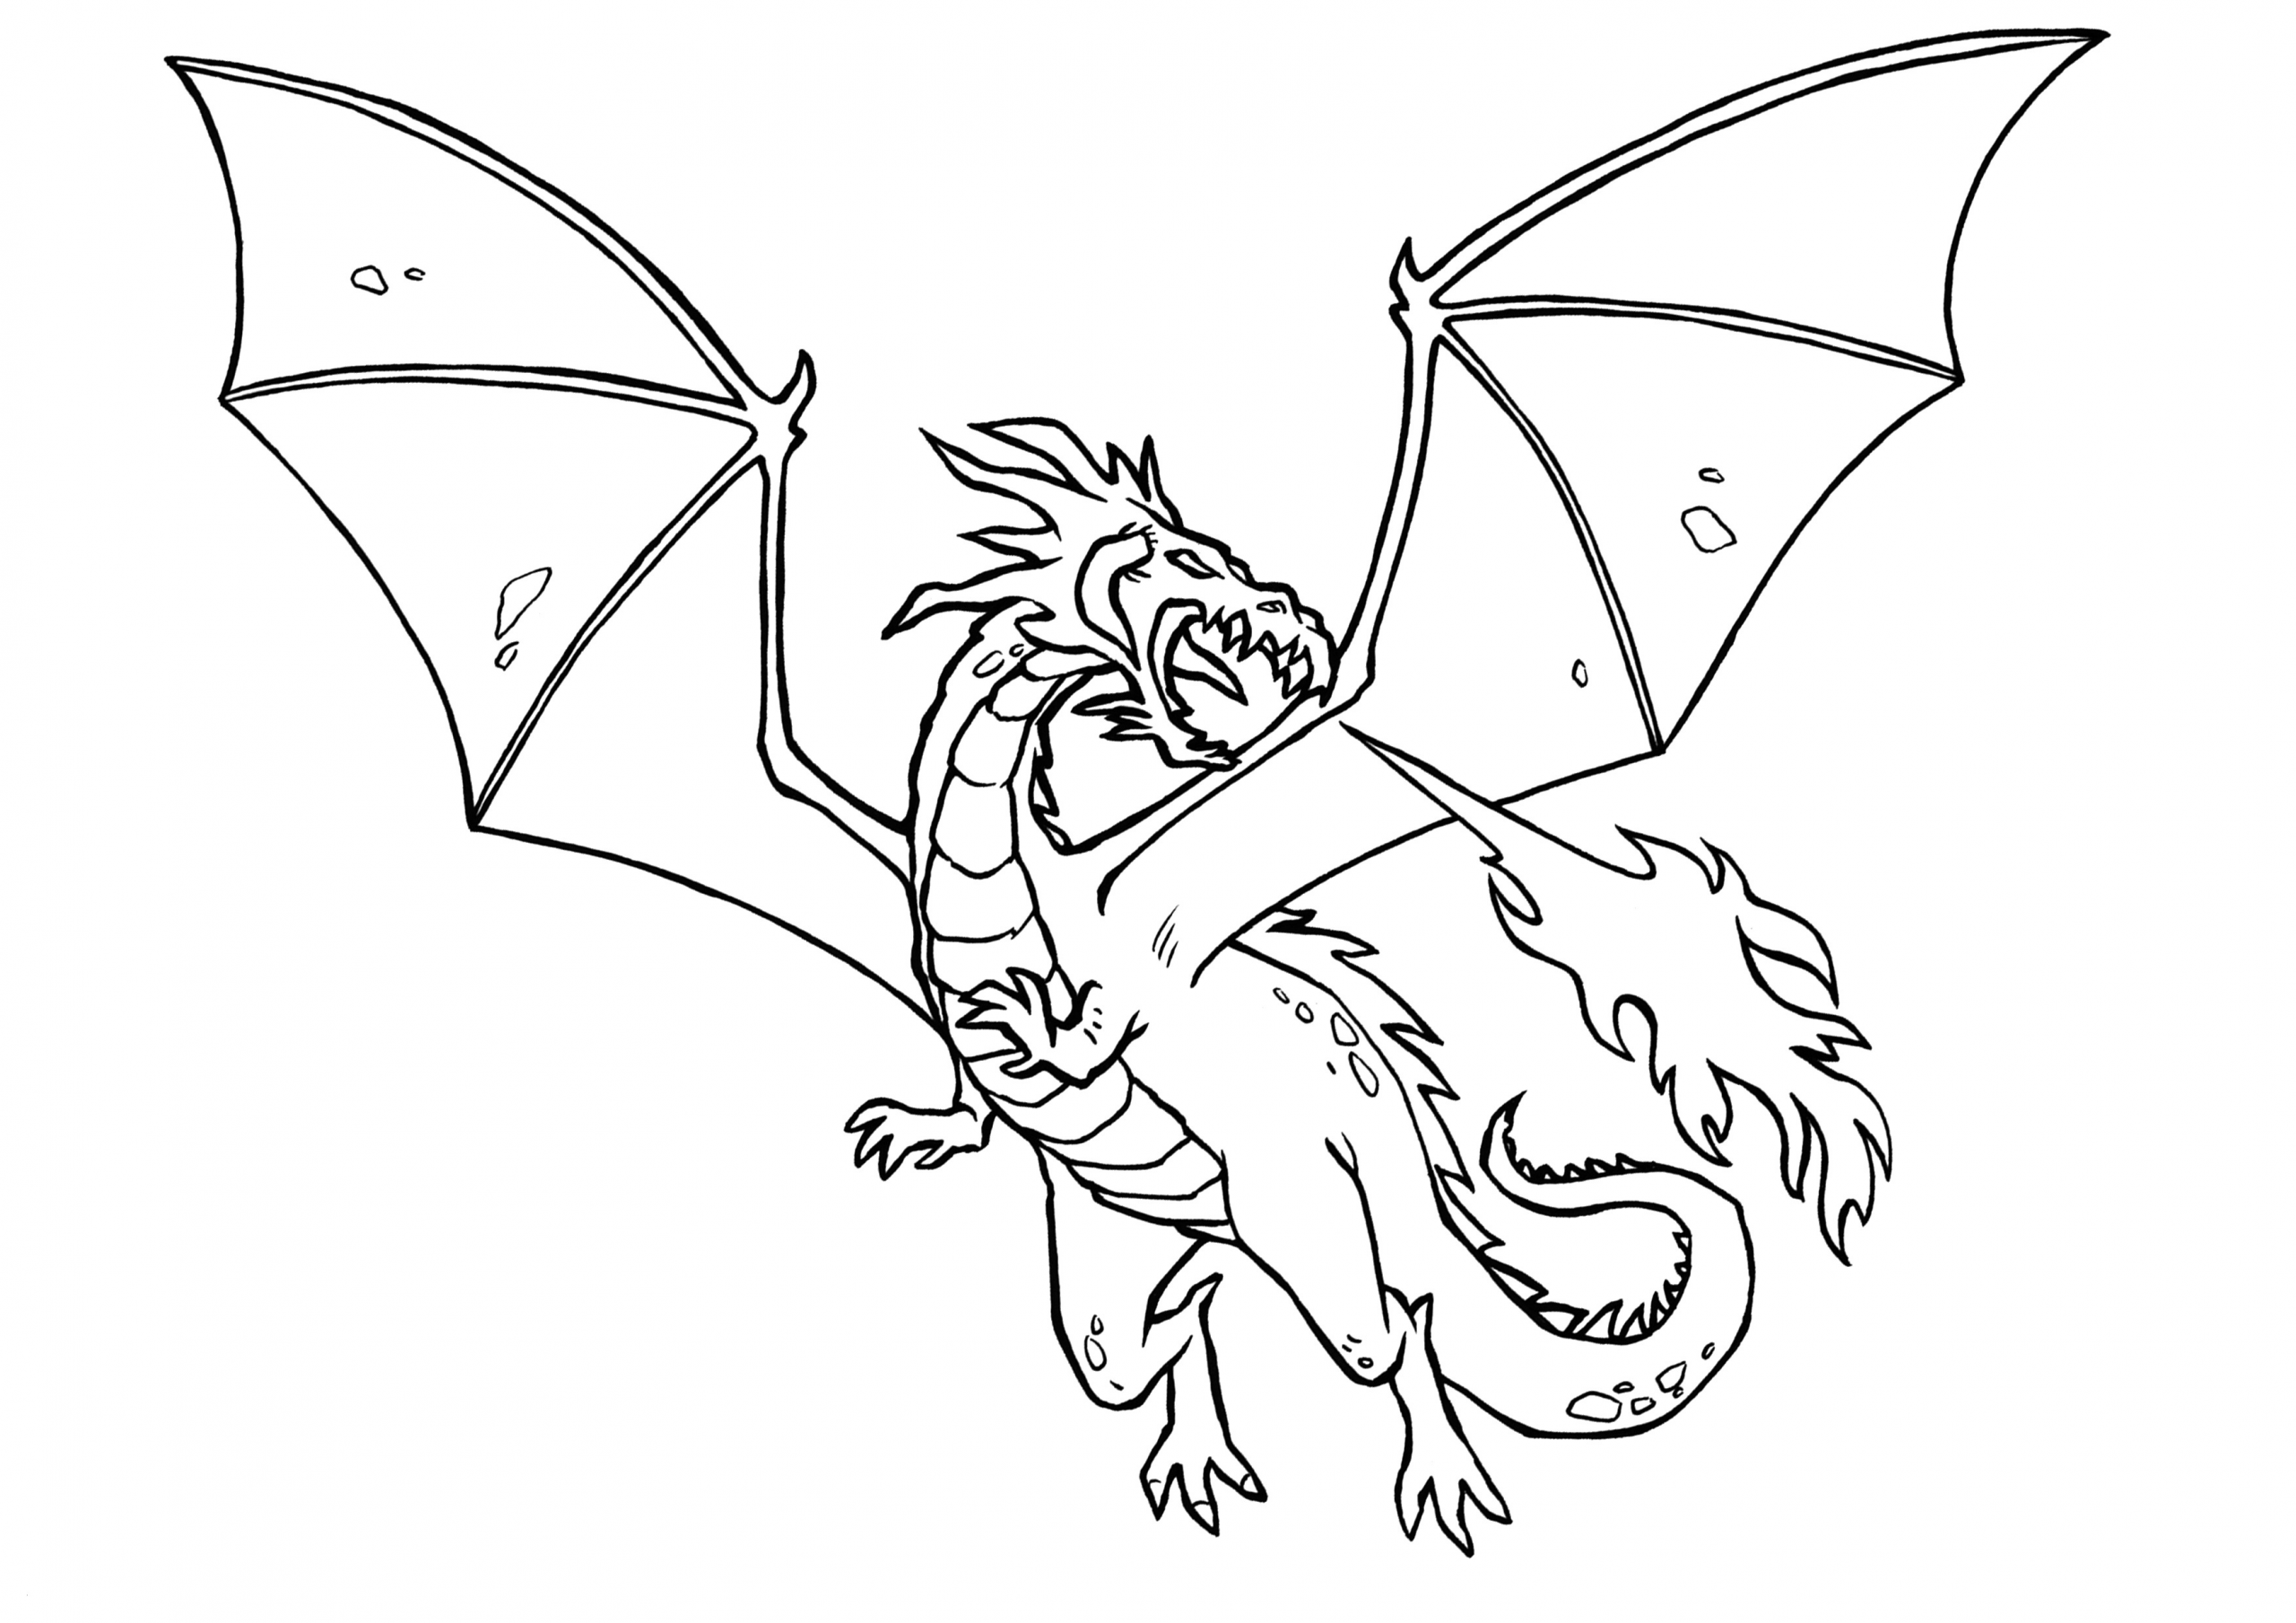 Malvorlagen Von Drachen - Malvorlagen Für Kinder ganzes Drachen Ausmalbilder Zum Ausdrucken